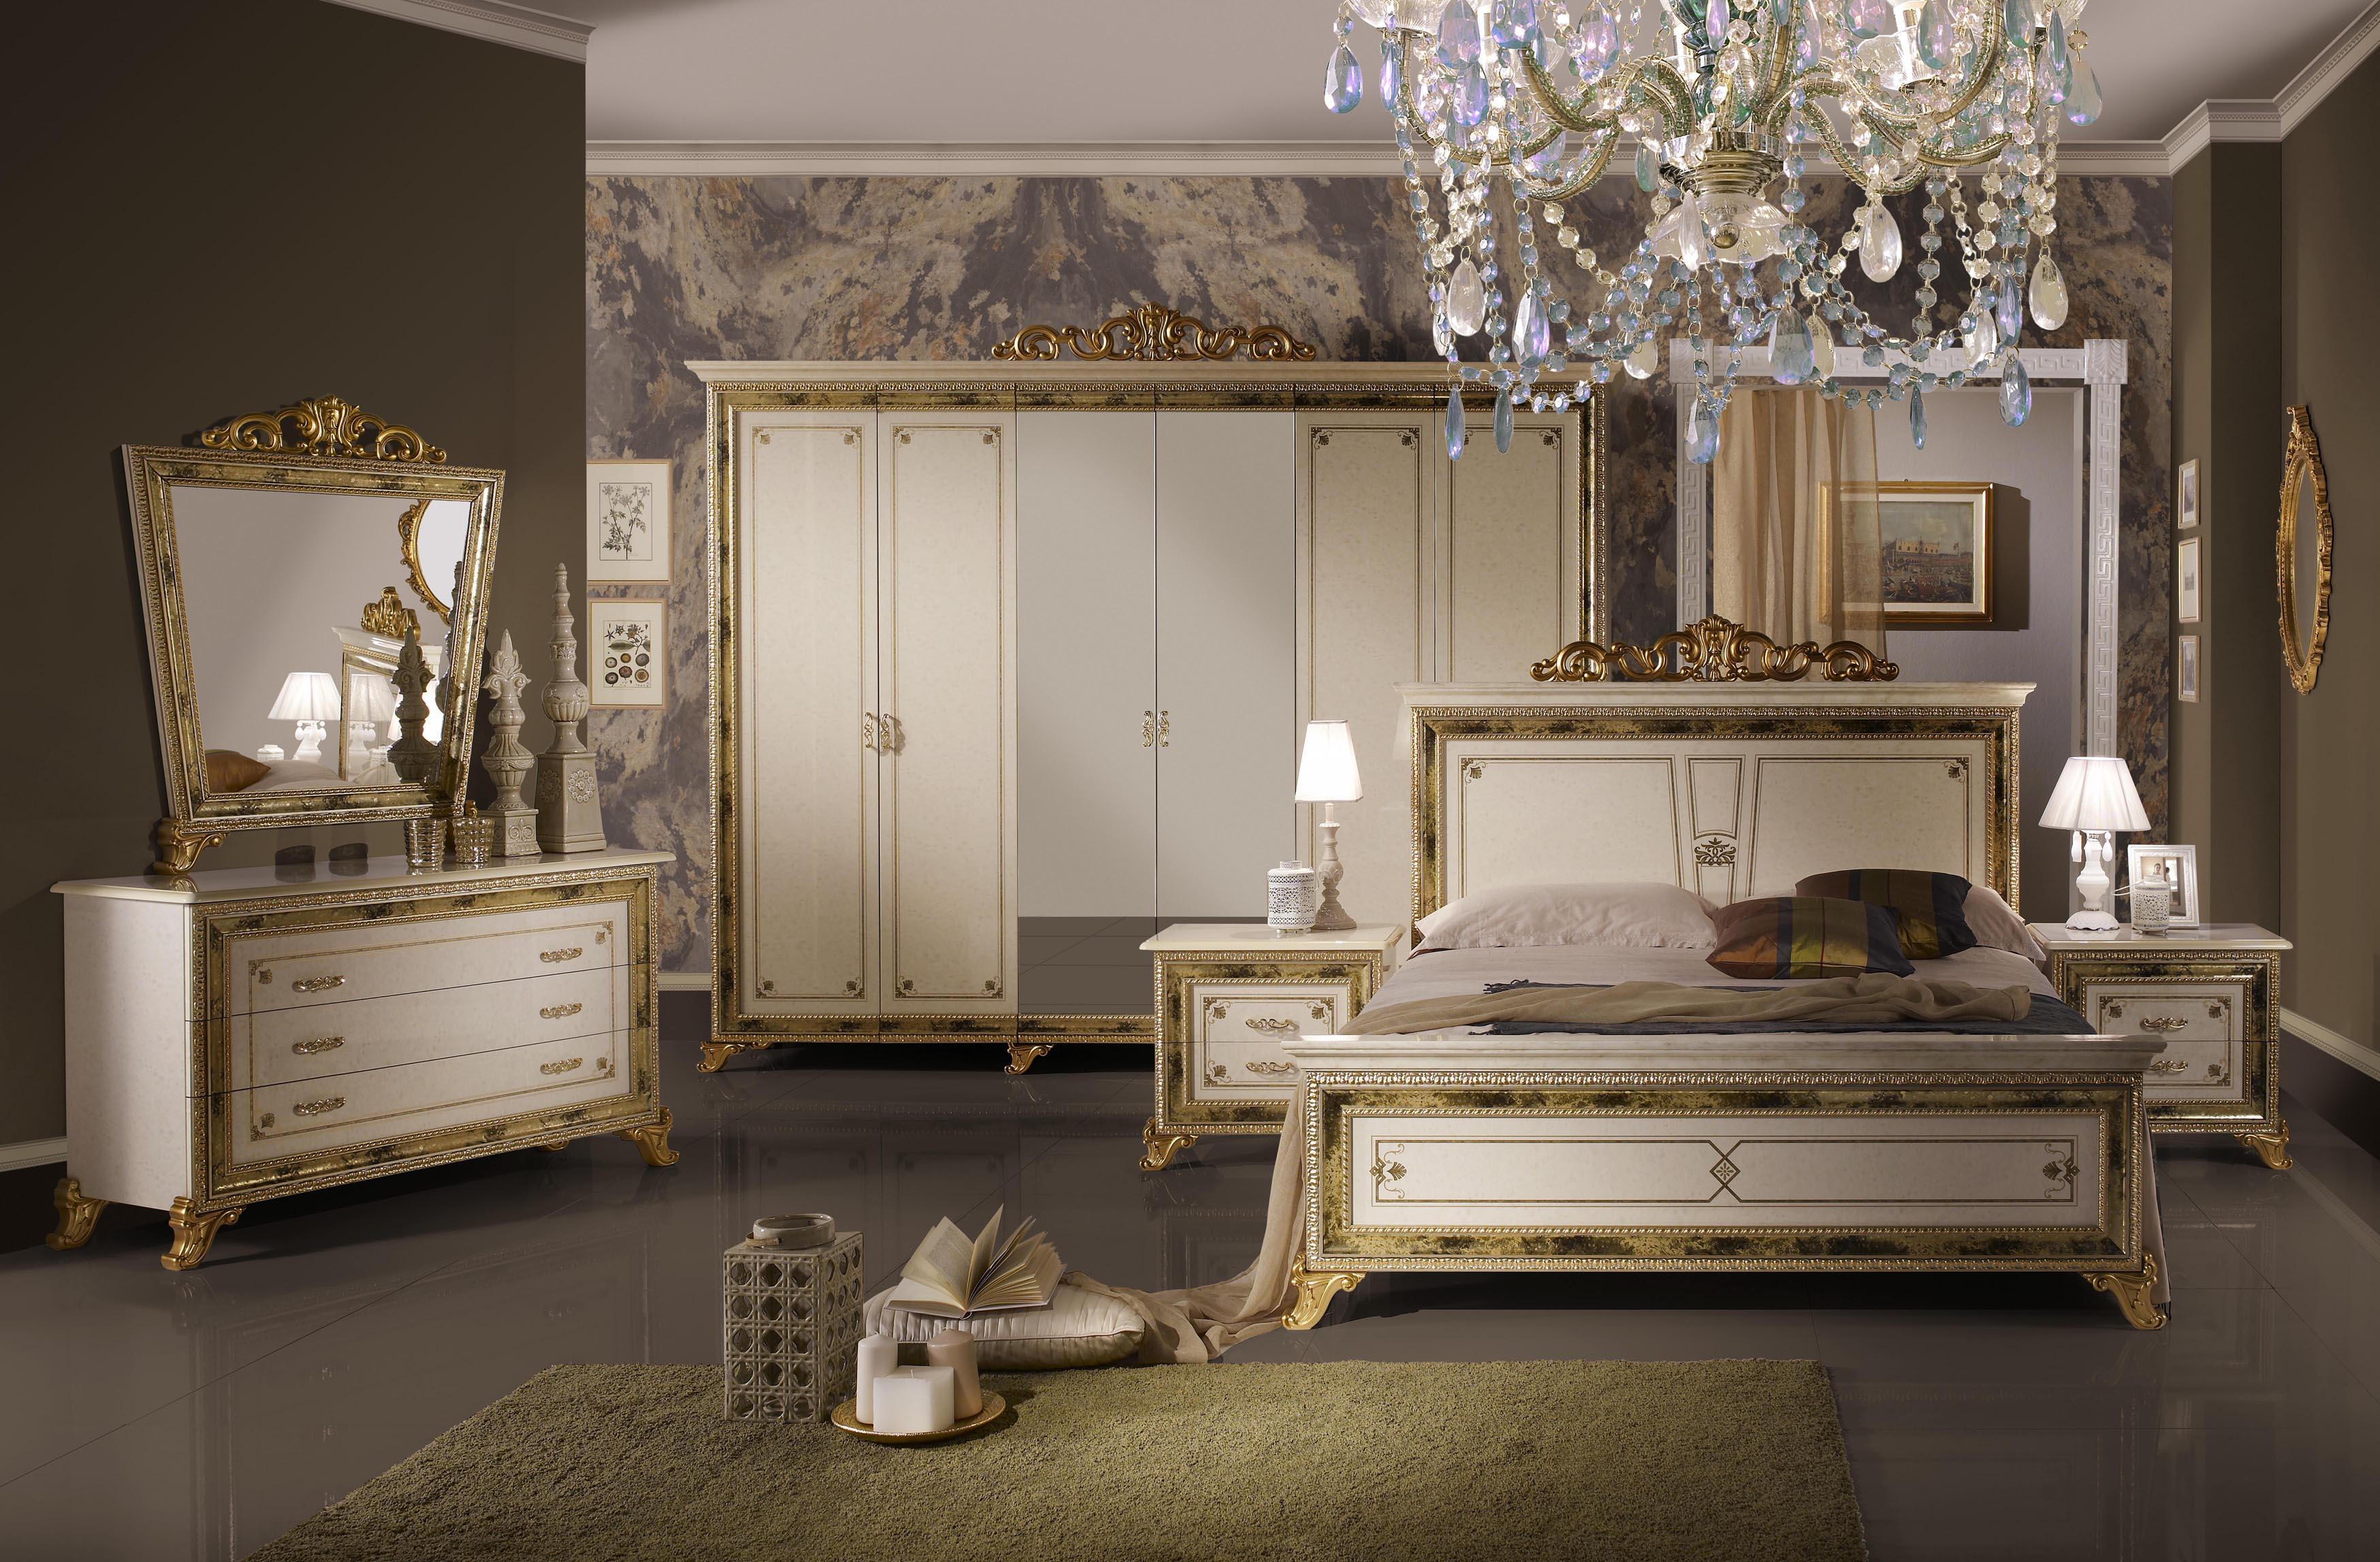 italienisches schlafzimmer klassisch raffaello temiz m bel italienische m bel schlafzimmer. Black Bedroom Furniture Sets. Home Design Ideas